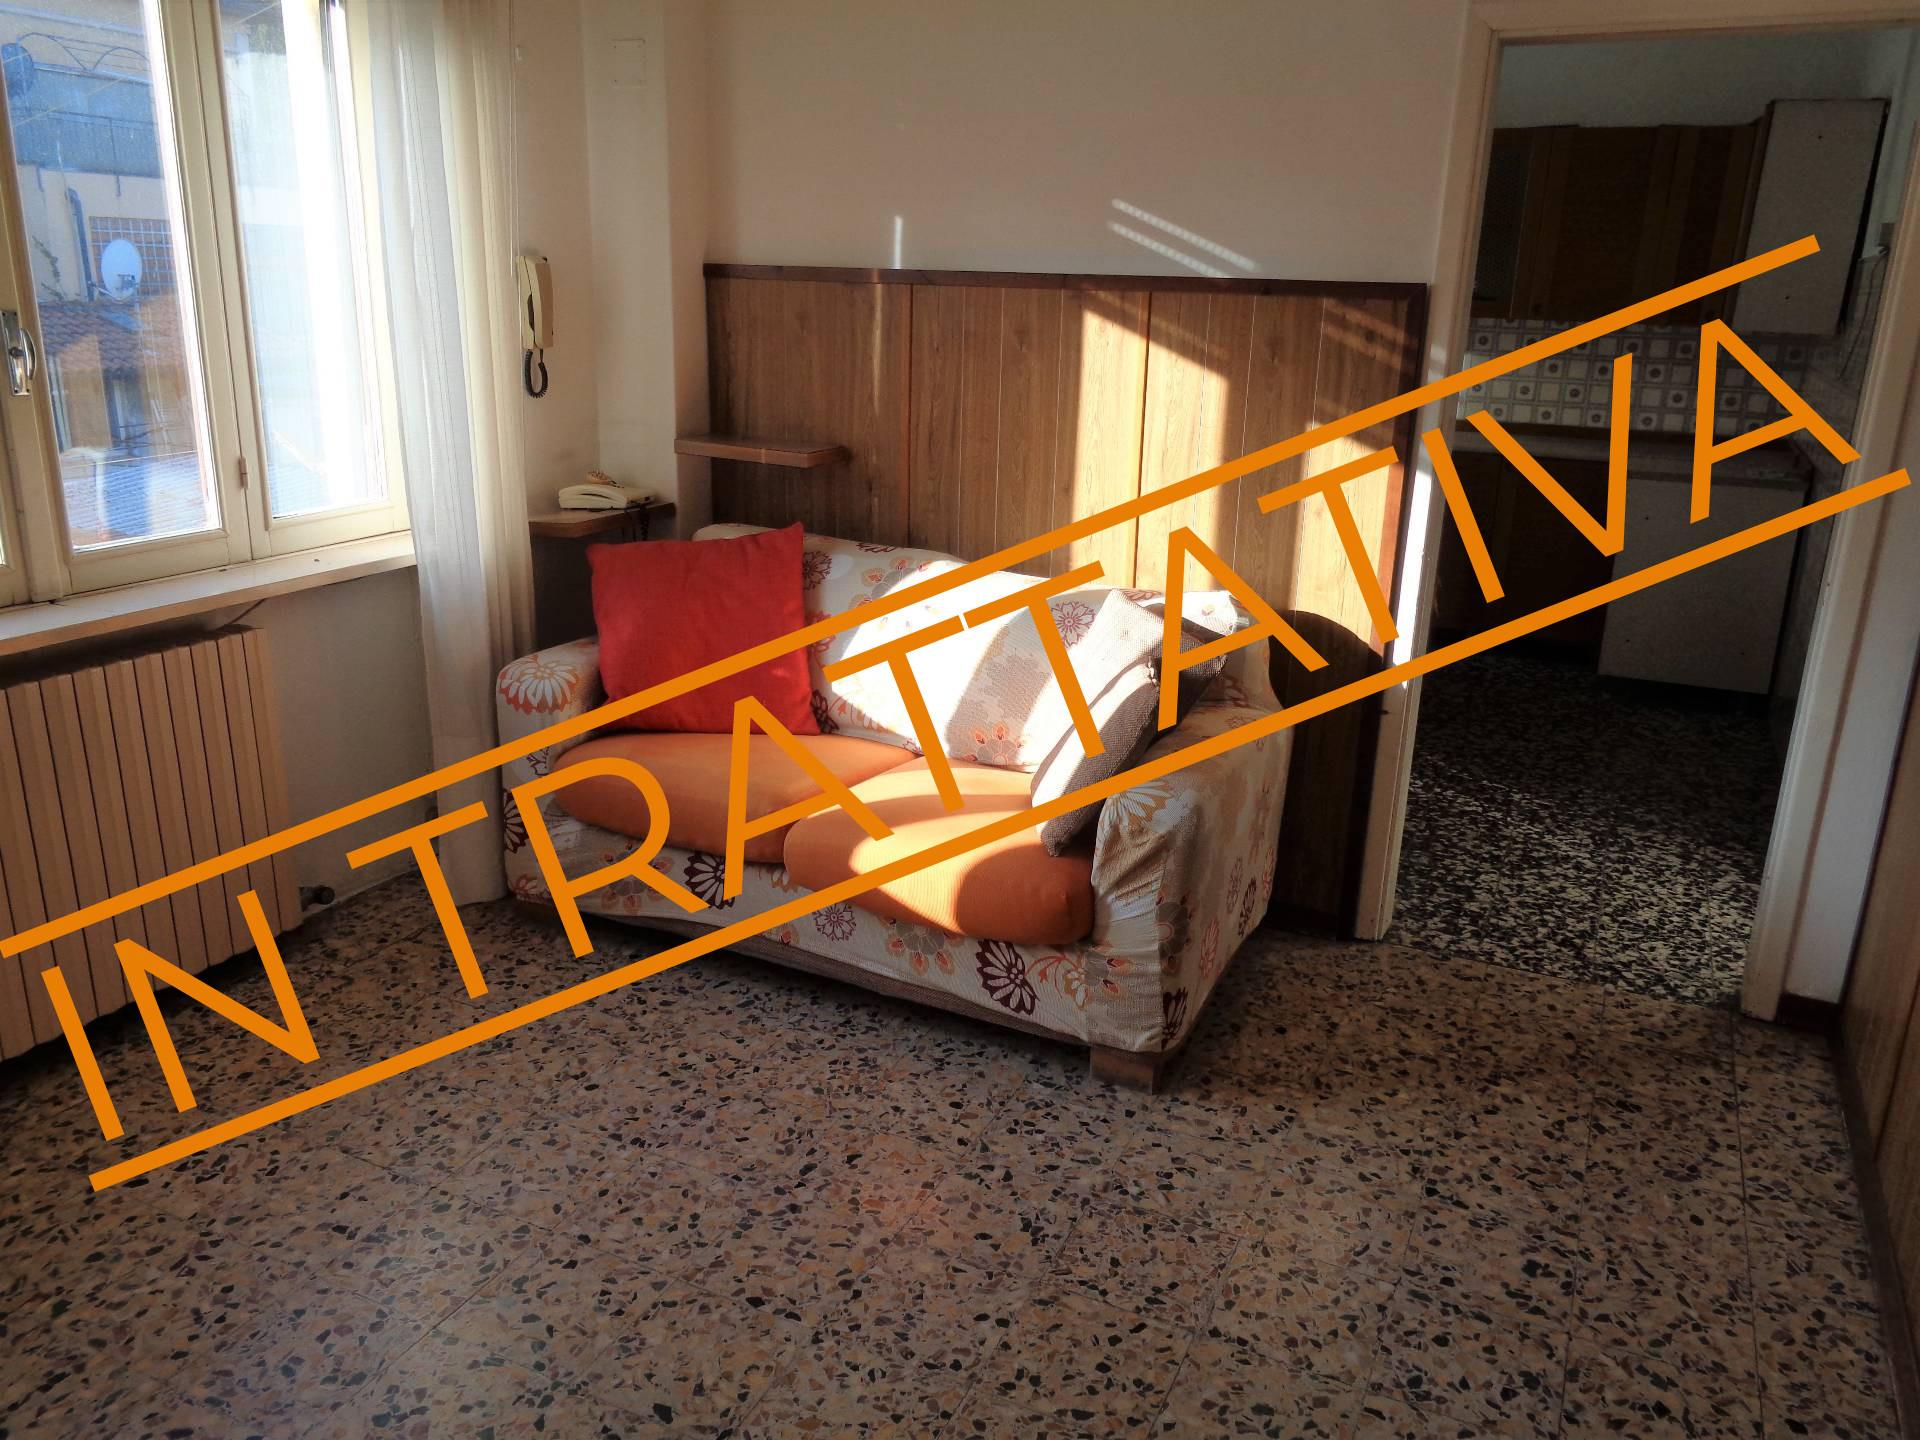 Appartamento in vendita a Cantello, 3 locali, zona rno, prezzo € 50.000 | PortaleAgenzieImmobiliari.it